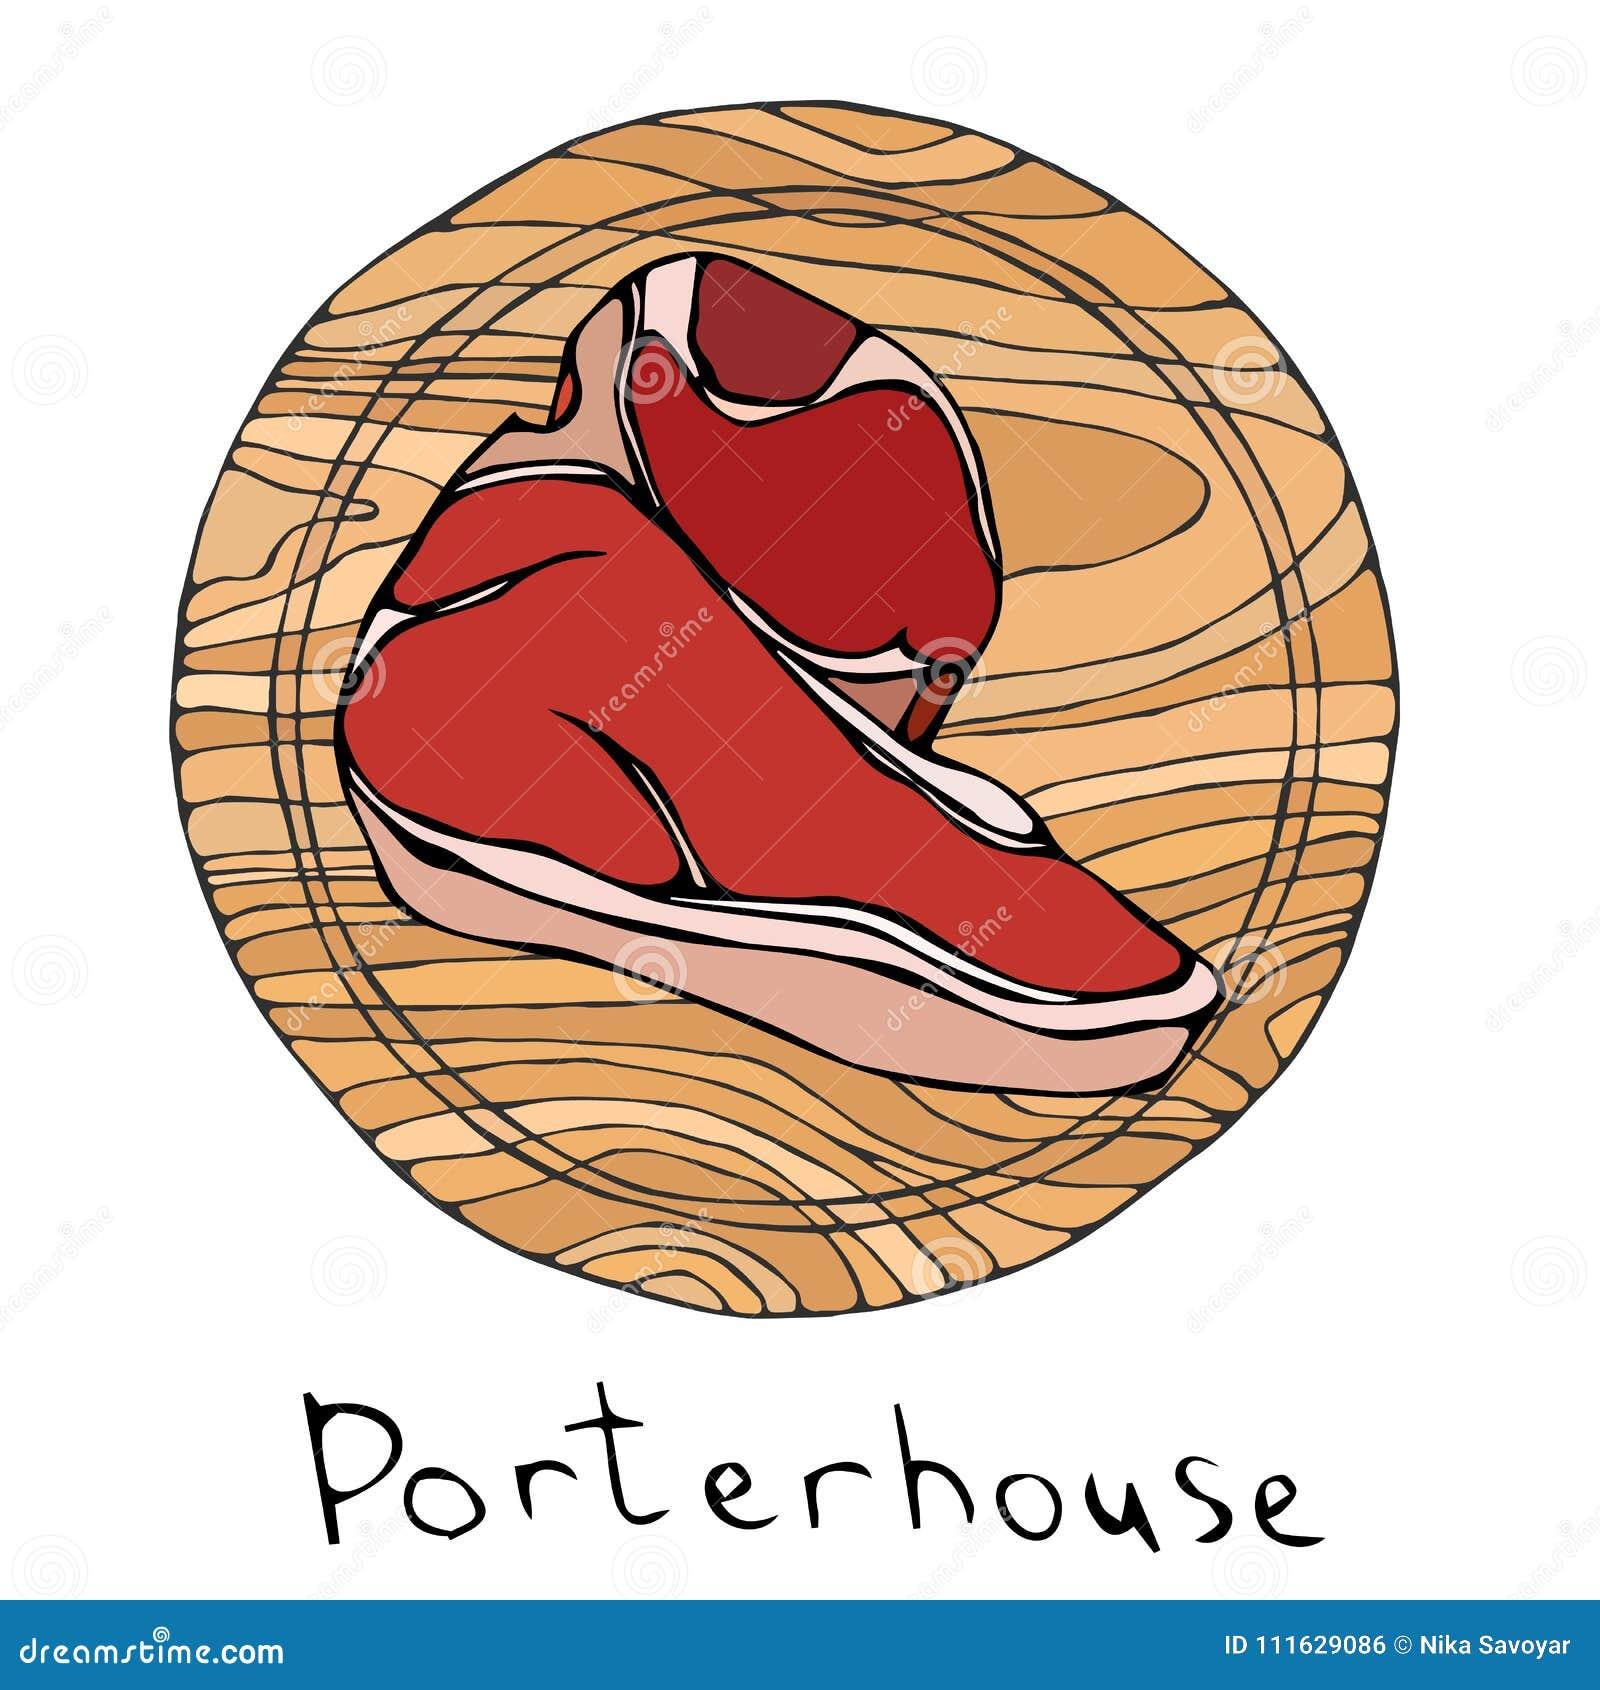 La mayoría del Porterhouse popular del filete en una tabla de cortar de madera redonda Corte de la carne de vaca Guía de la carne